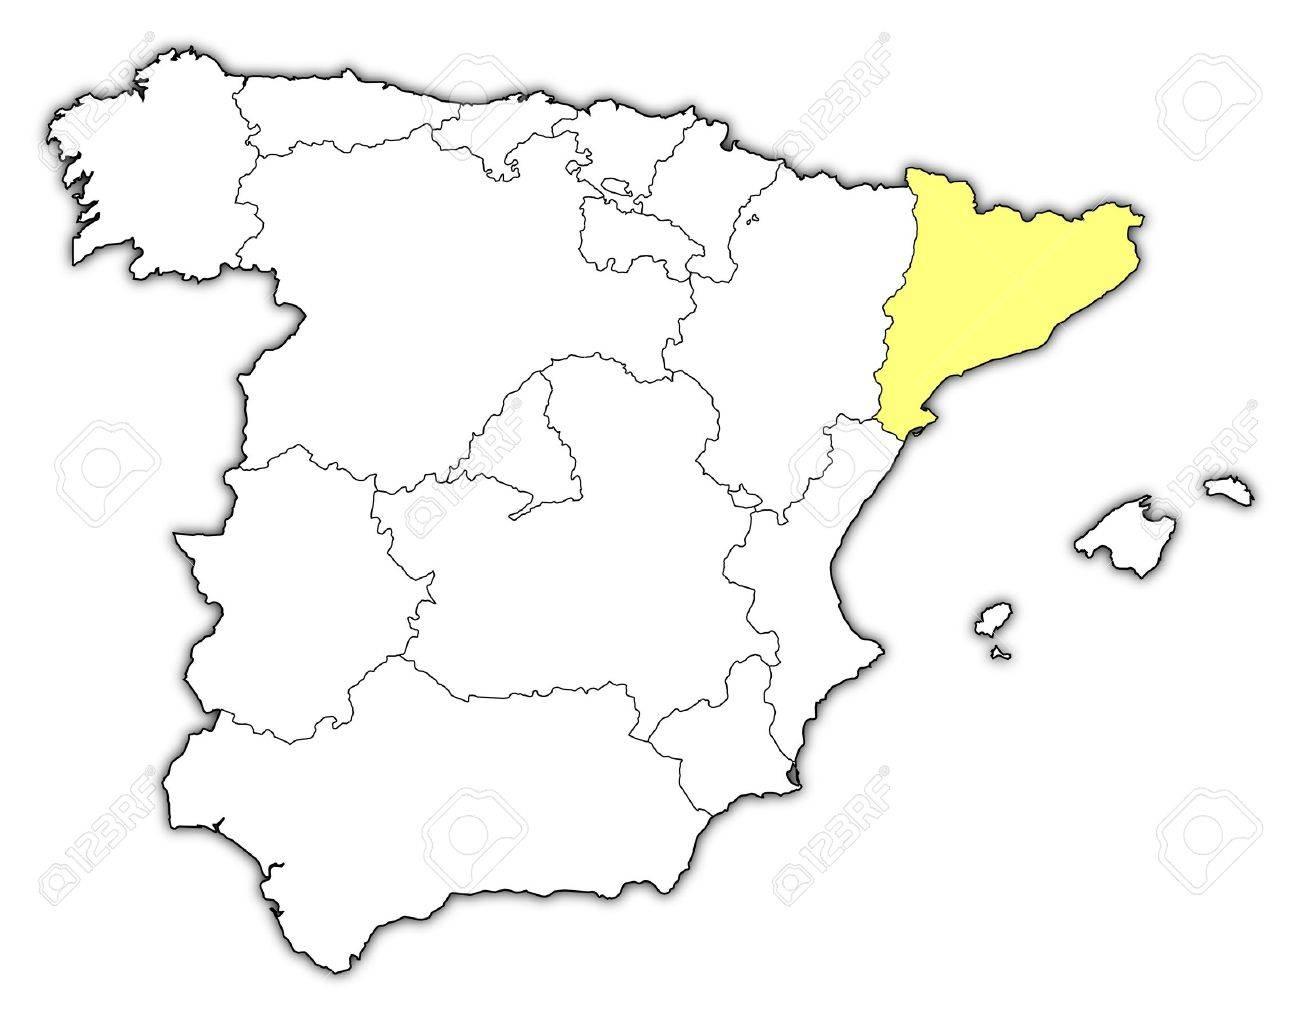 Cartina Muta Spagna Regioni.Vettoriale Mappa Politica Della Spagna Con Le Varie Regioni In Cui E Evidenziato Catalogna Image 11566167